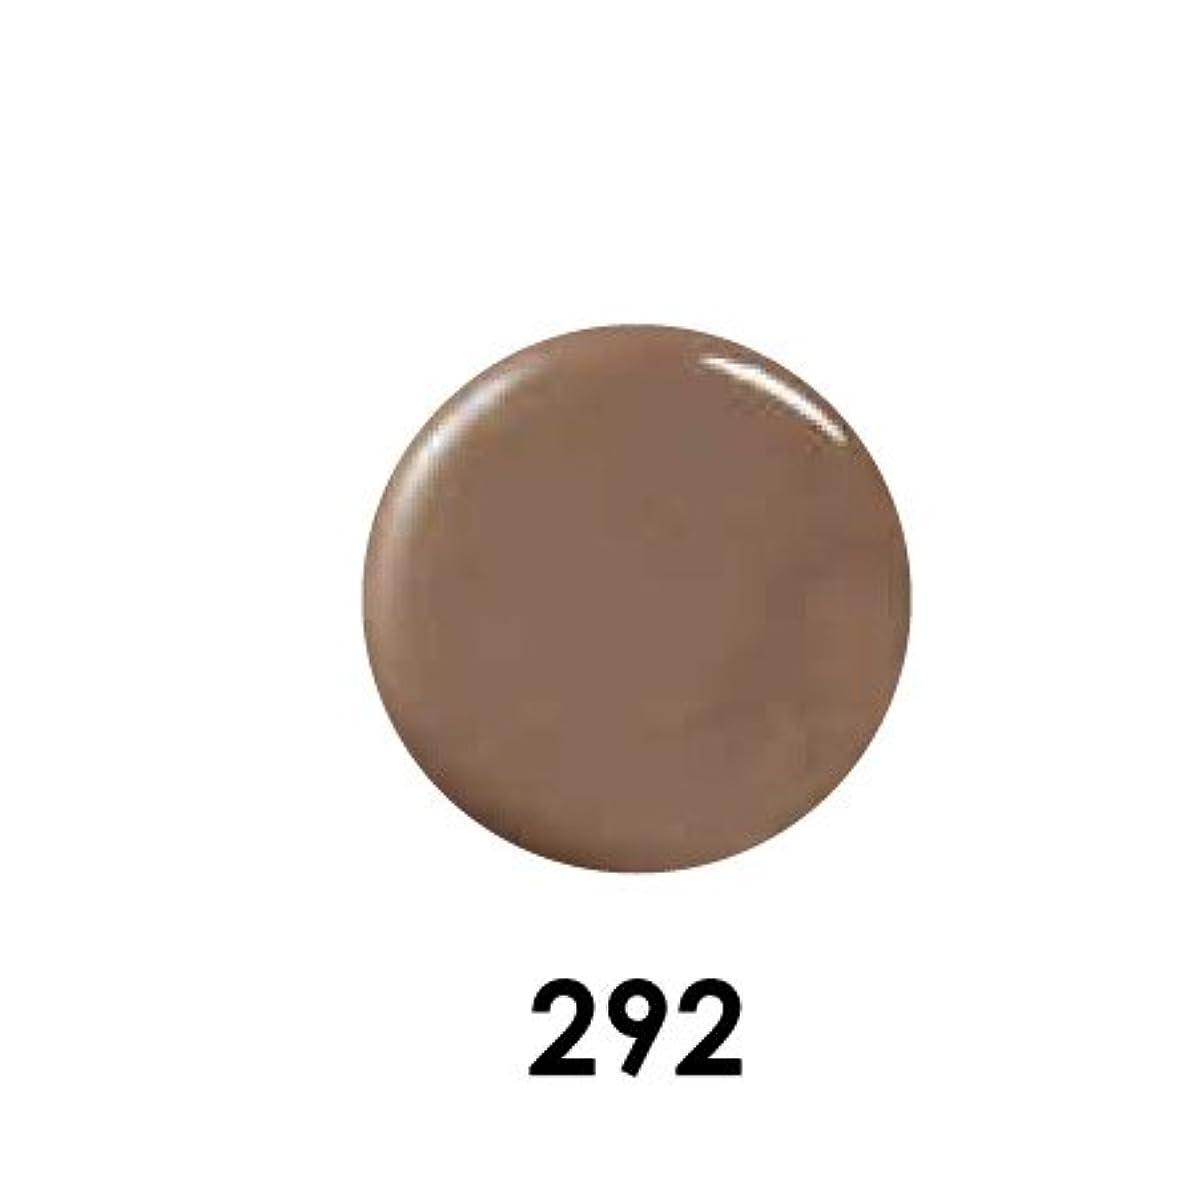 中古検証負Putiel プティール カラージェル 292 ジプシーブラウン 2g (MARIEプロデュース)